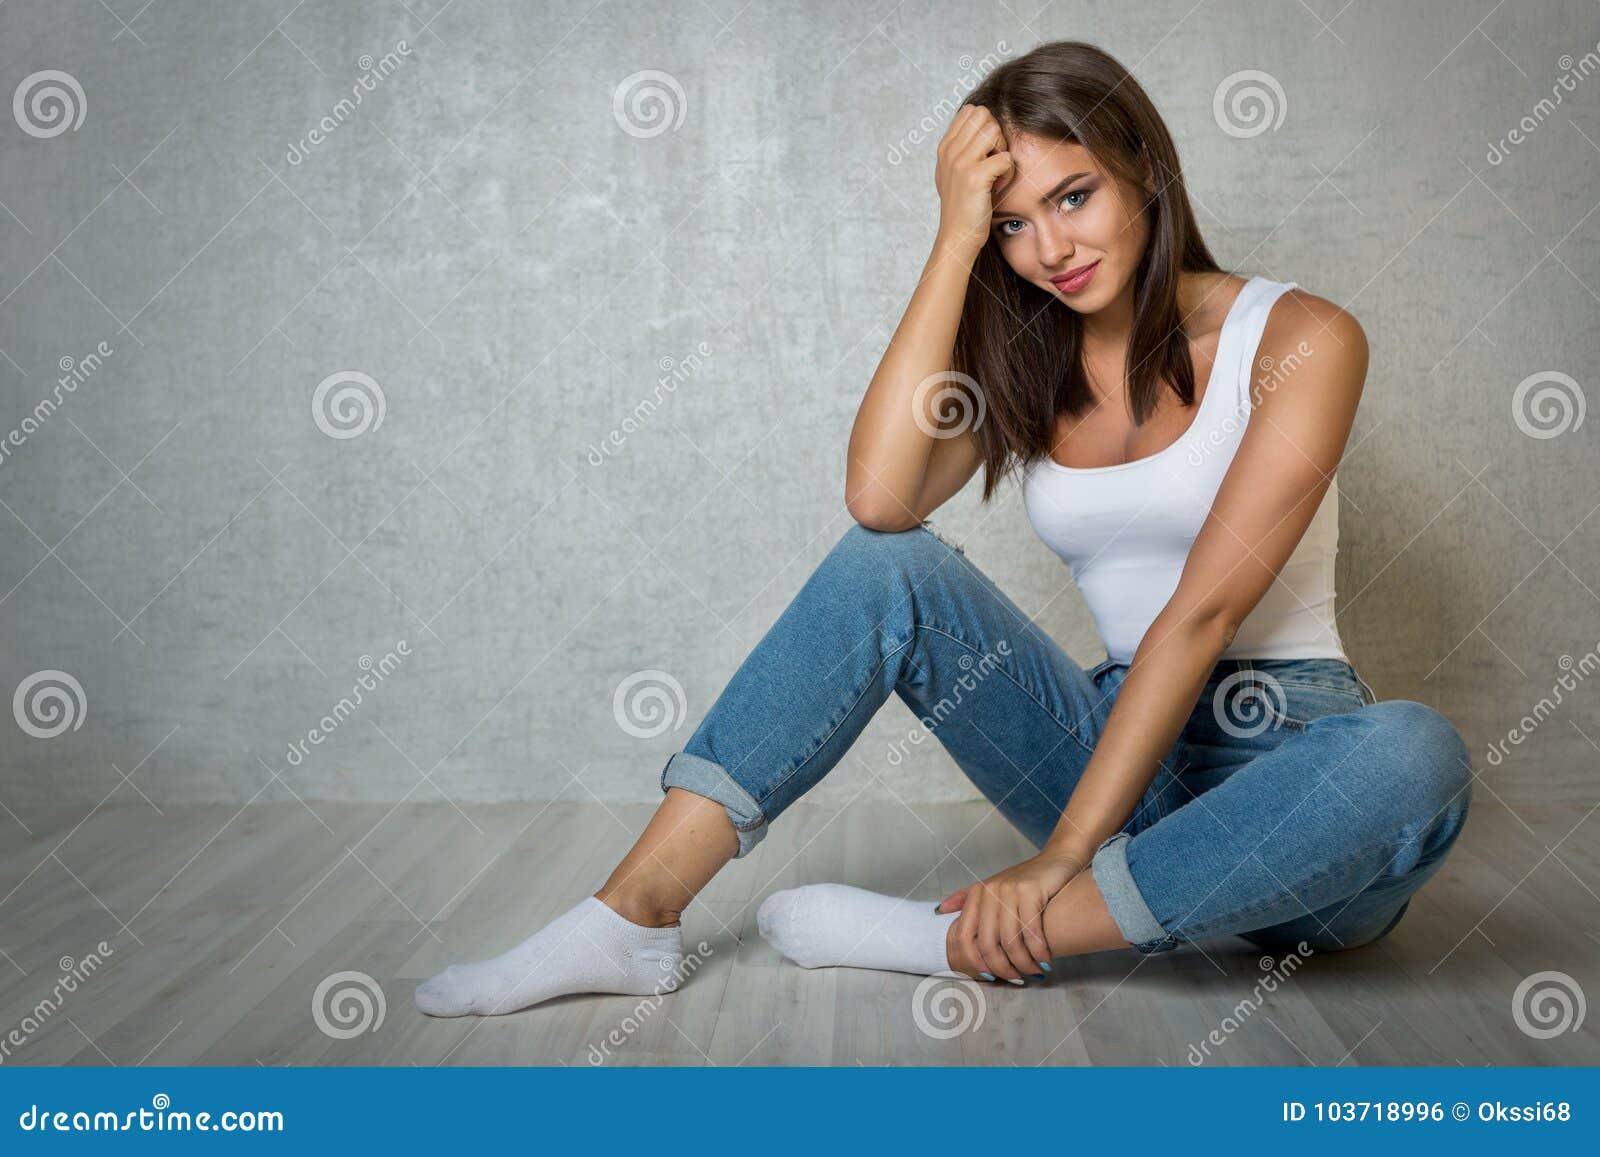 женщина сидит на полу и писает в джинсы видео - 8